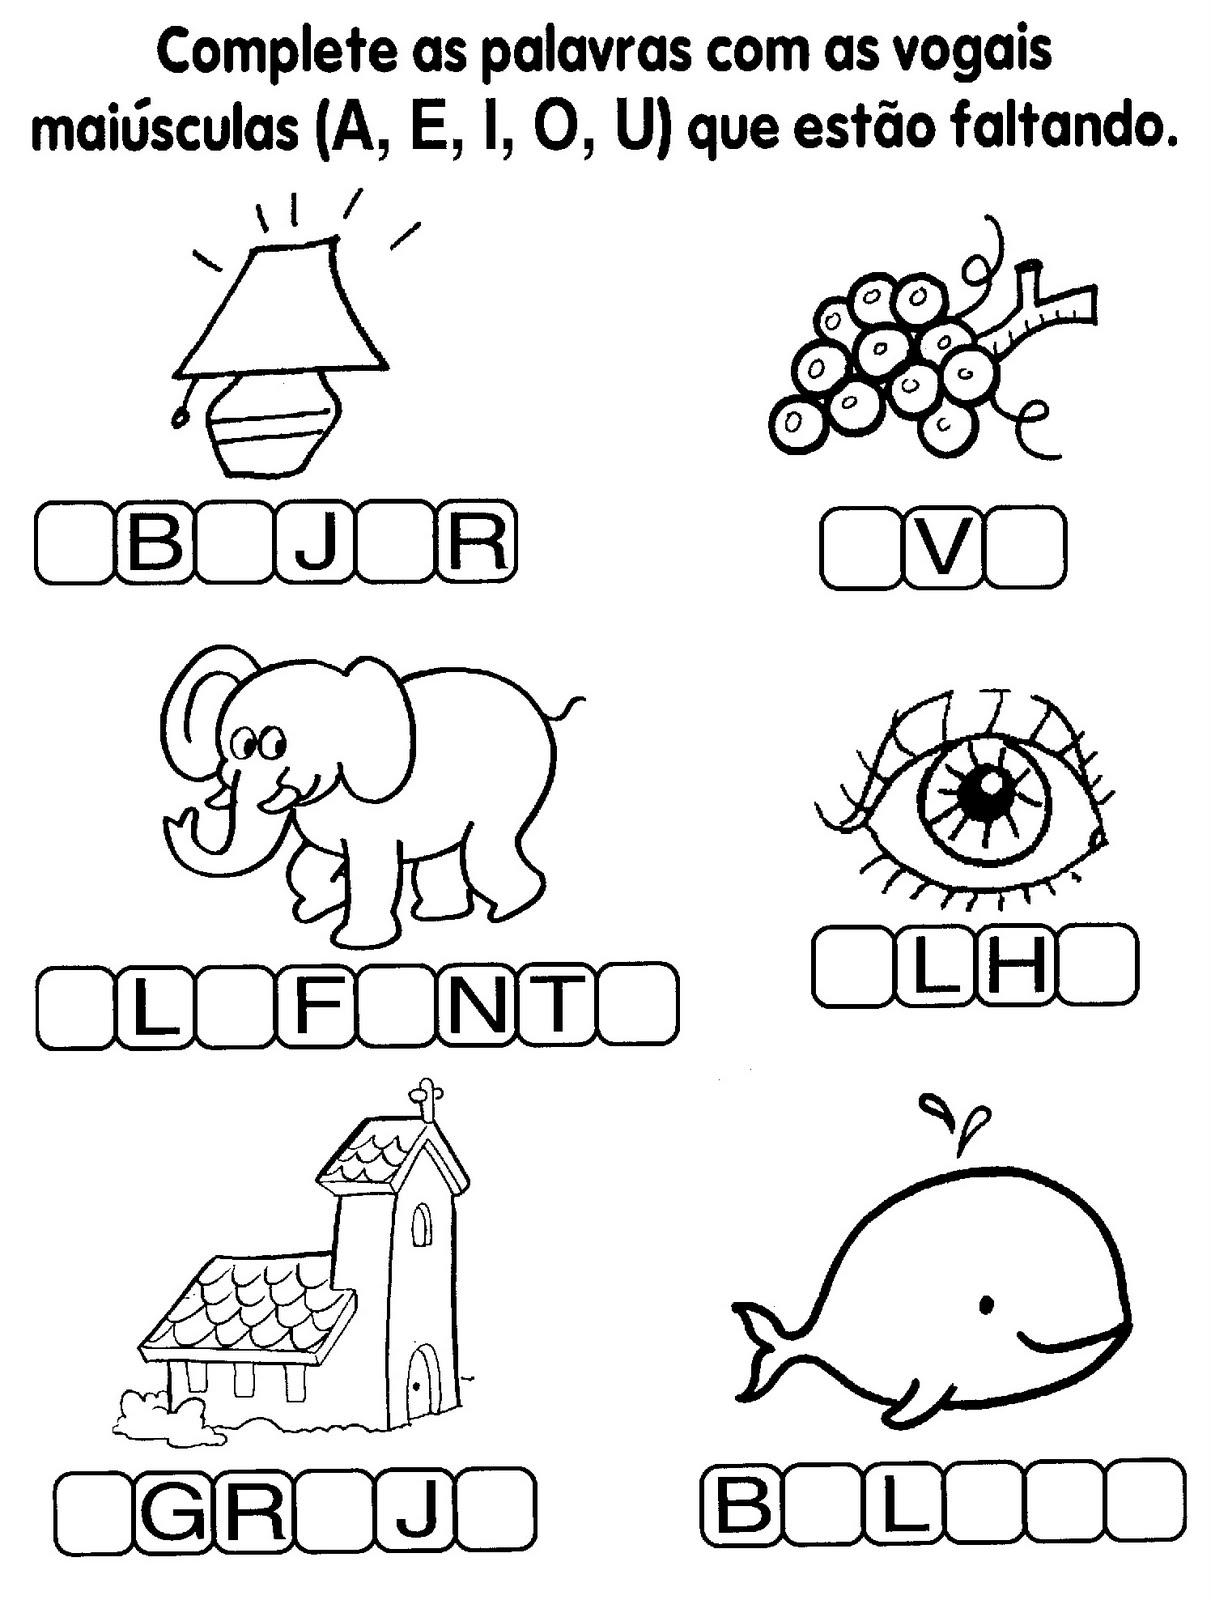 Complete as palavras com as vogais